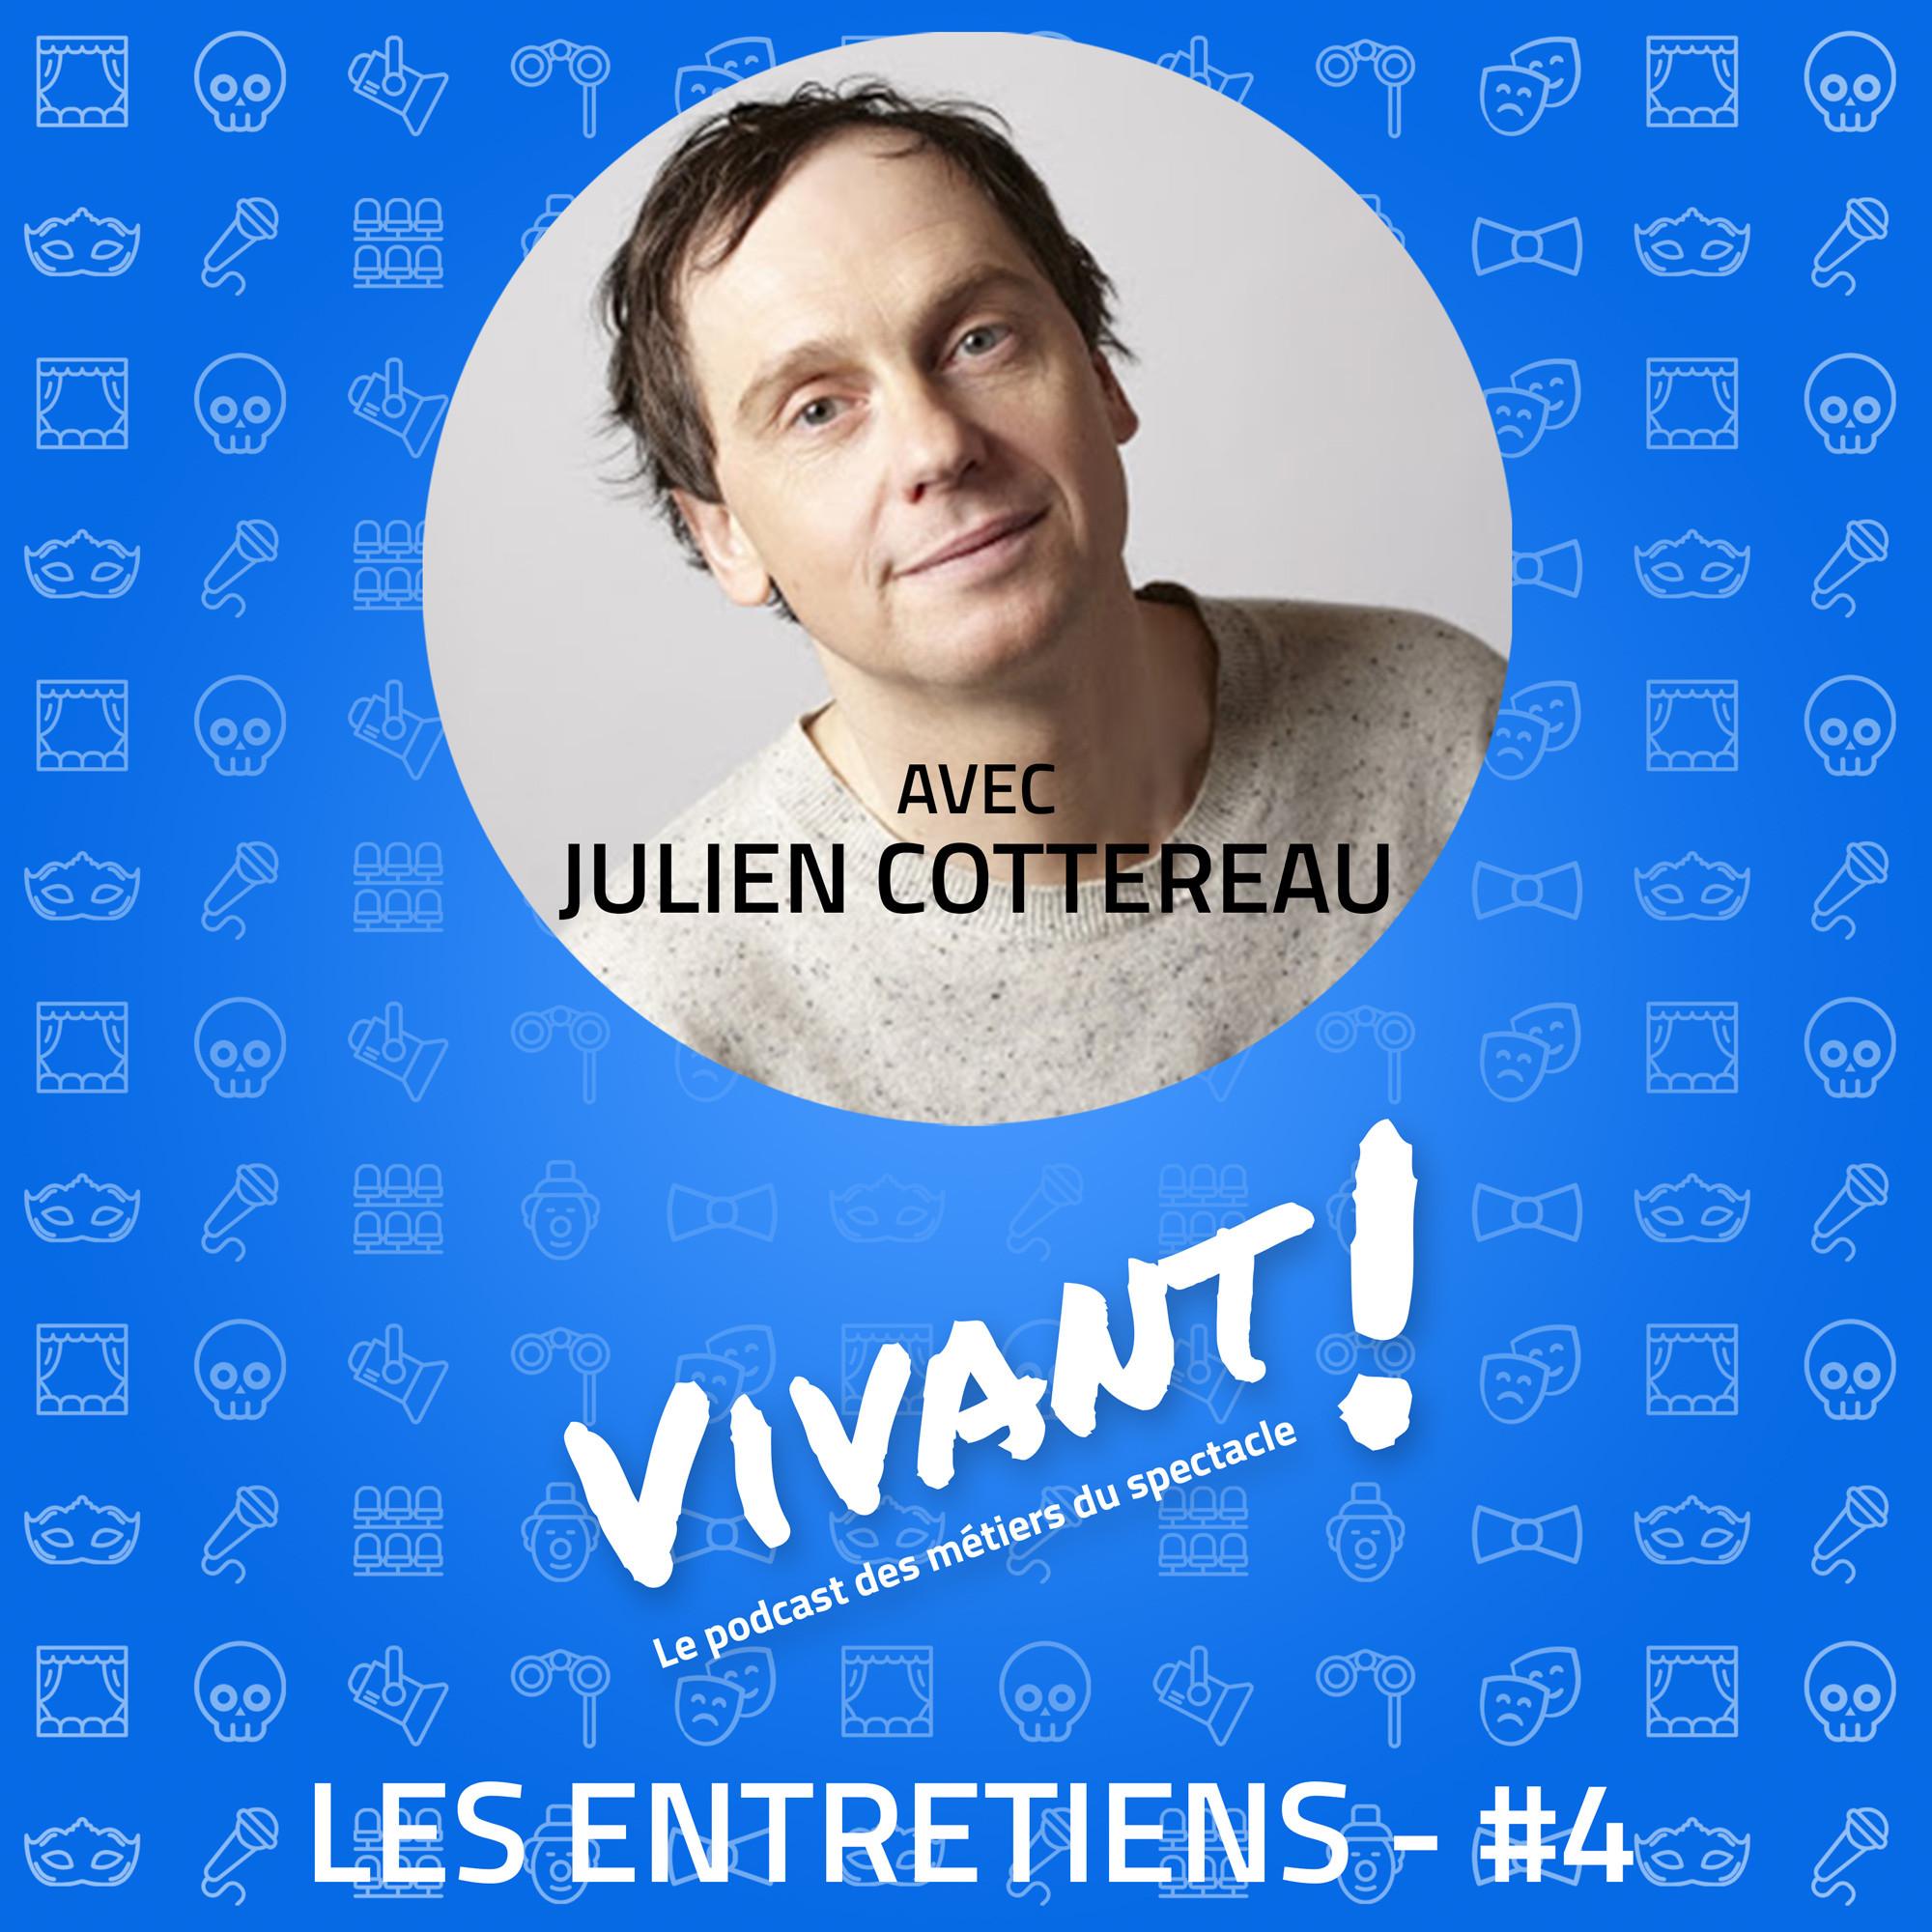 Entretien #4 - Julien Cottereau